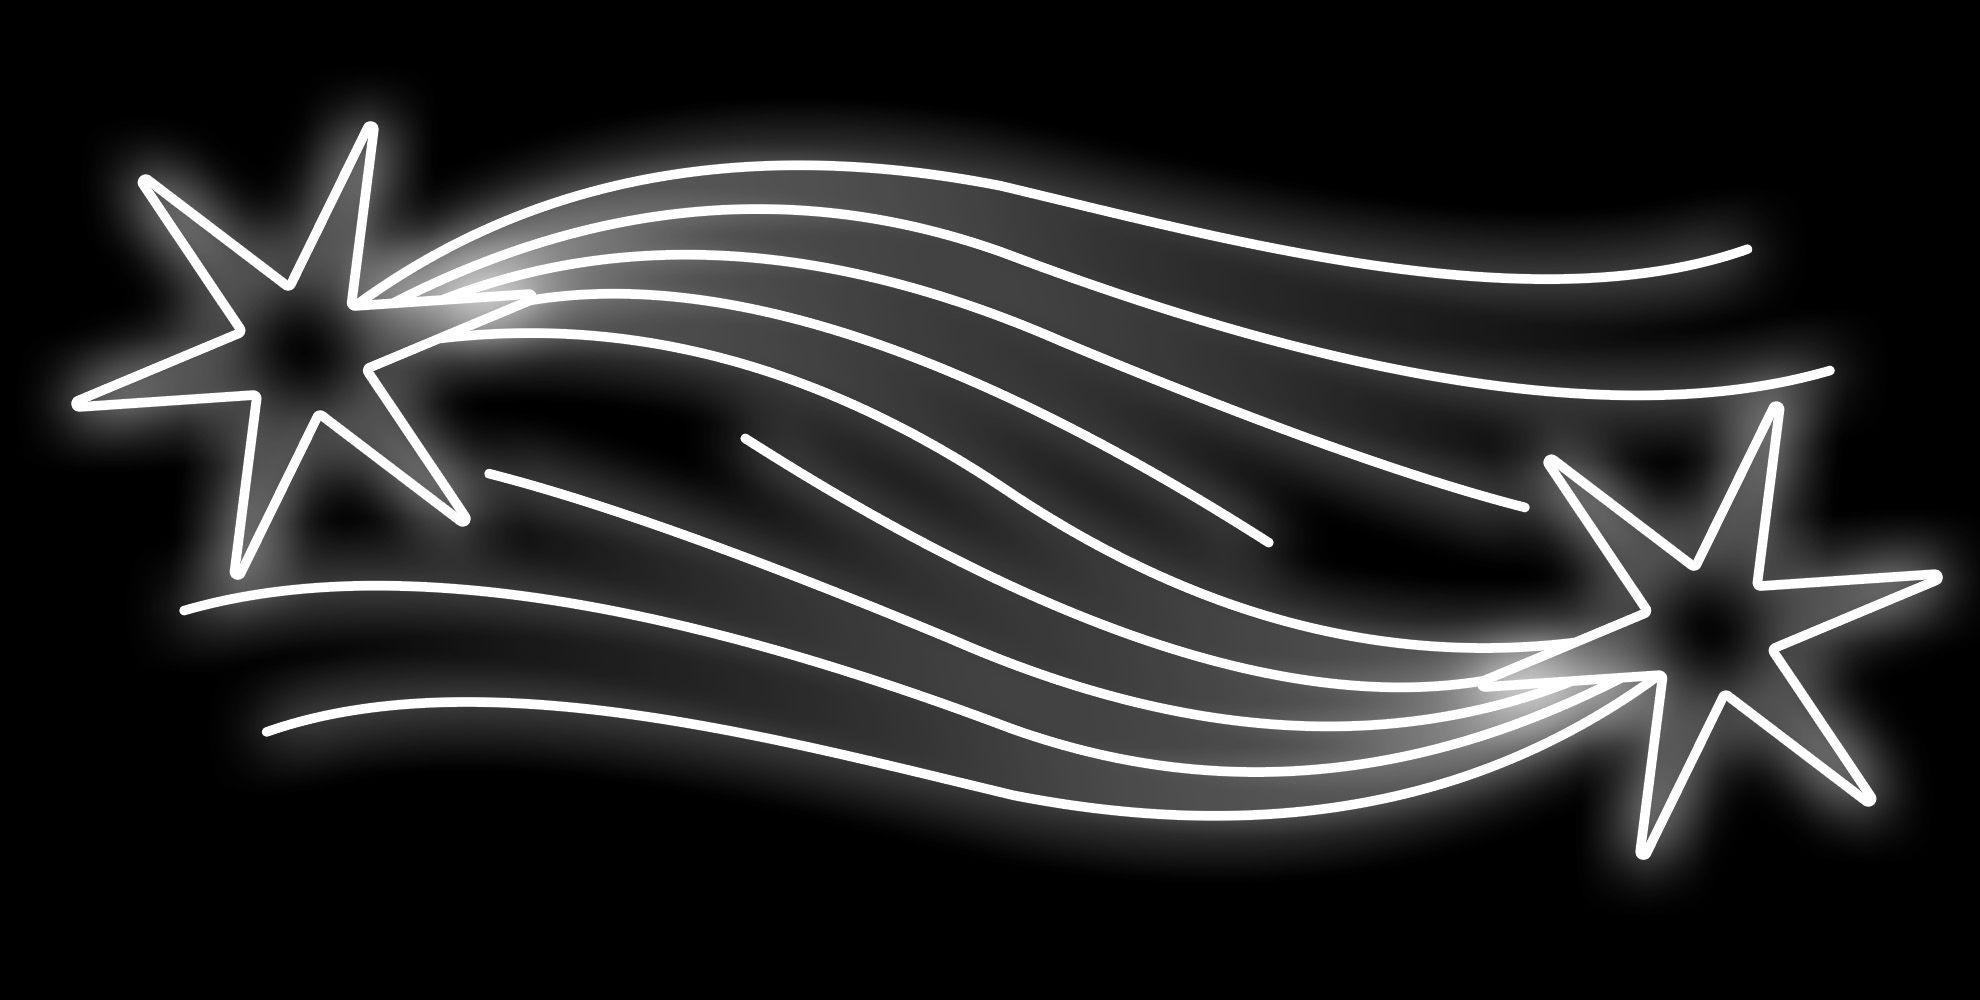 PO-020 - Painel Iluminado Led COMETA DUPLO - (Veja Opções Tamanhos)